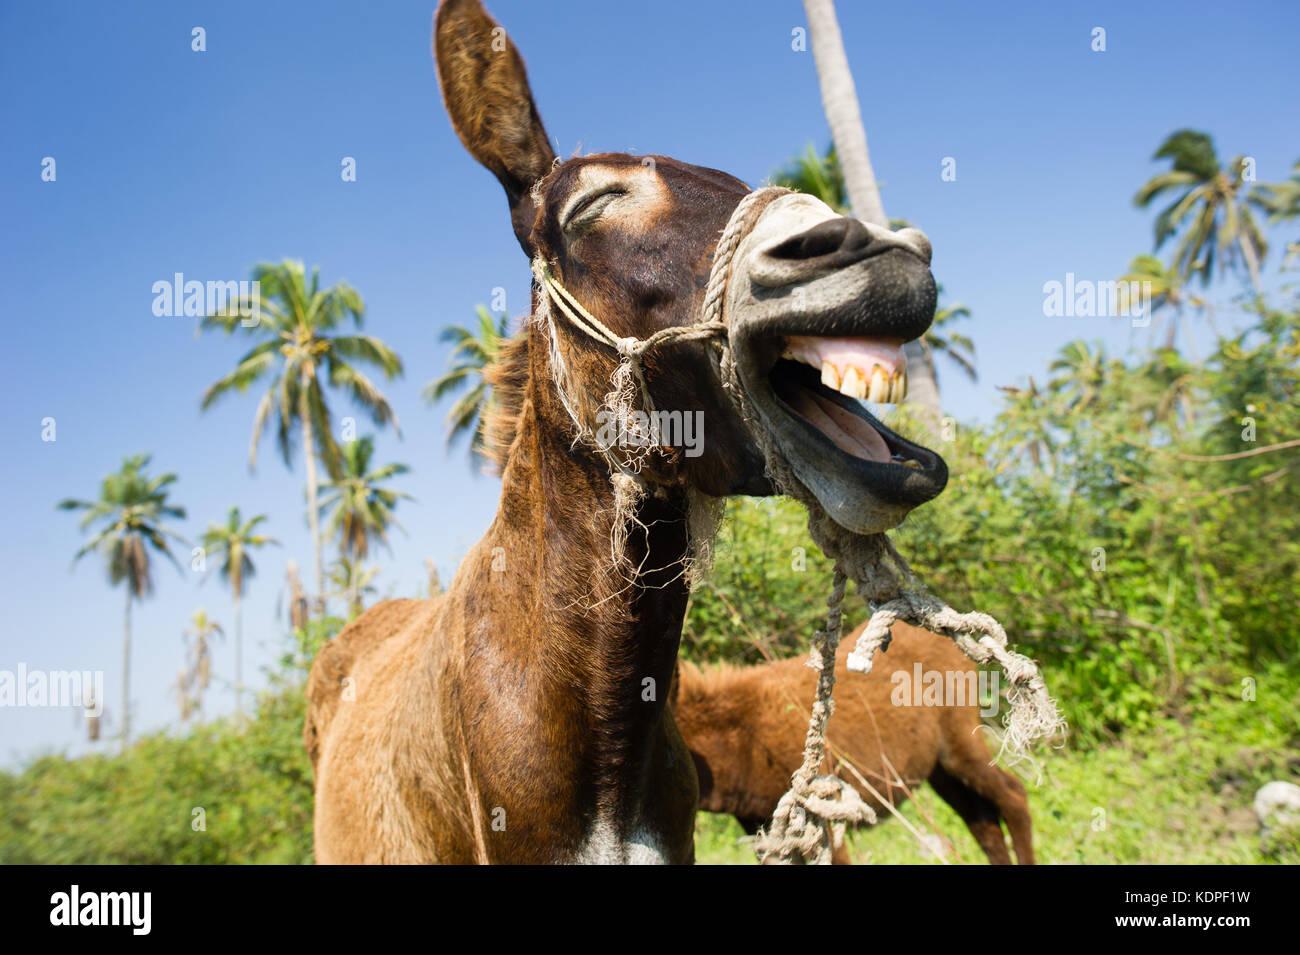 Zum lachen bilder lustige LUSTIGE BILDER!